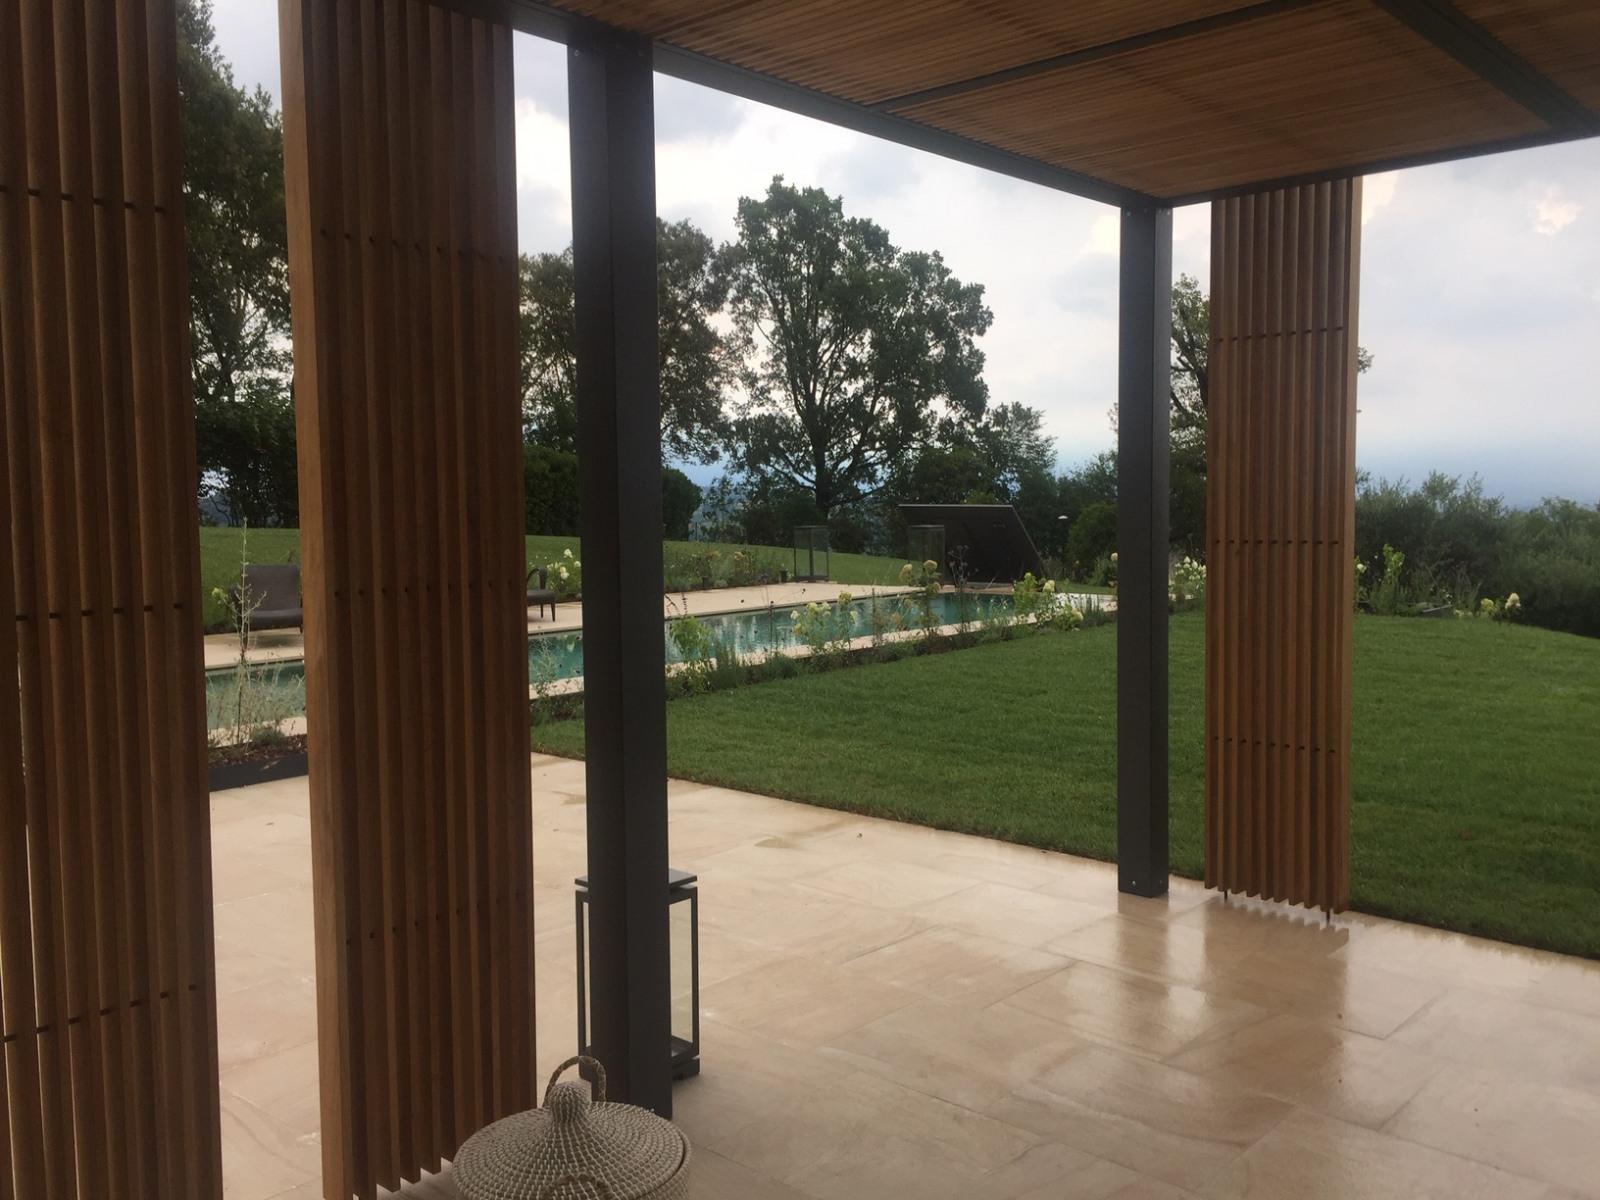 piscina-privata-montecchio-maggiore-vicenza-1